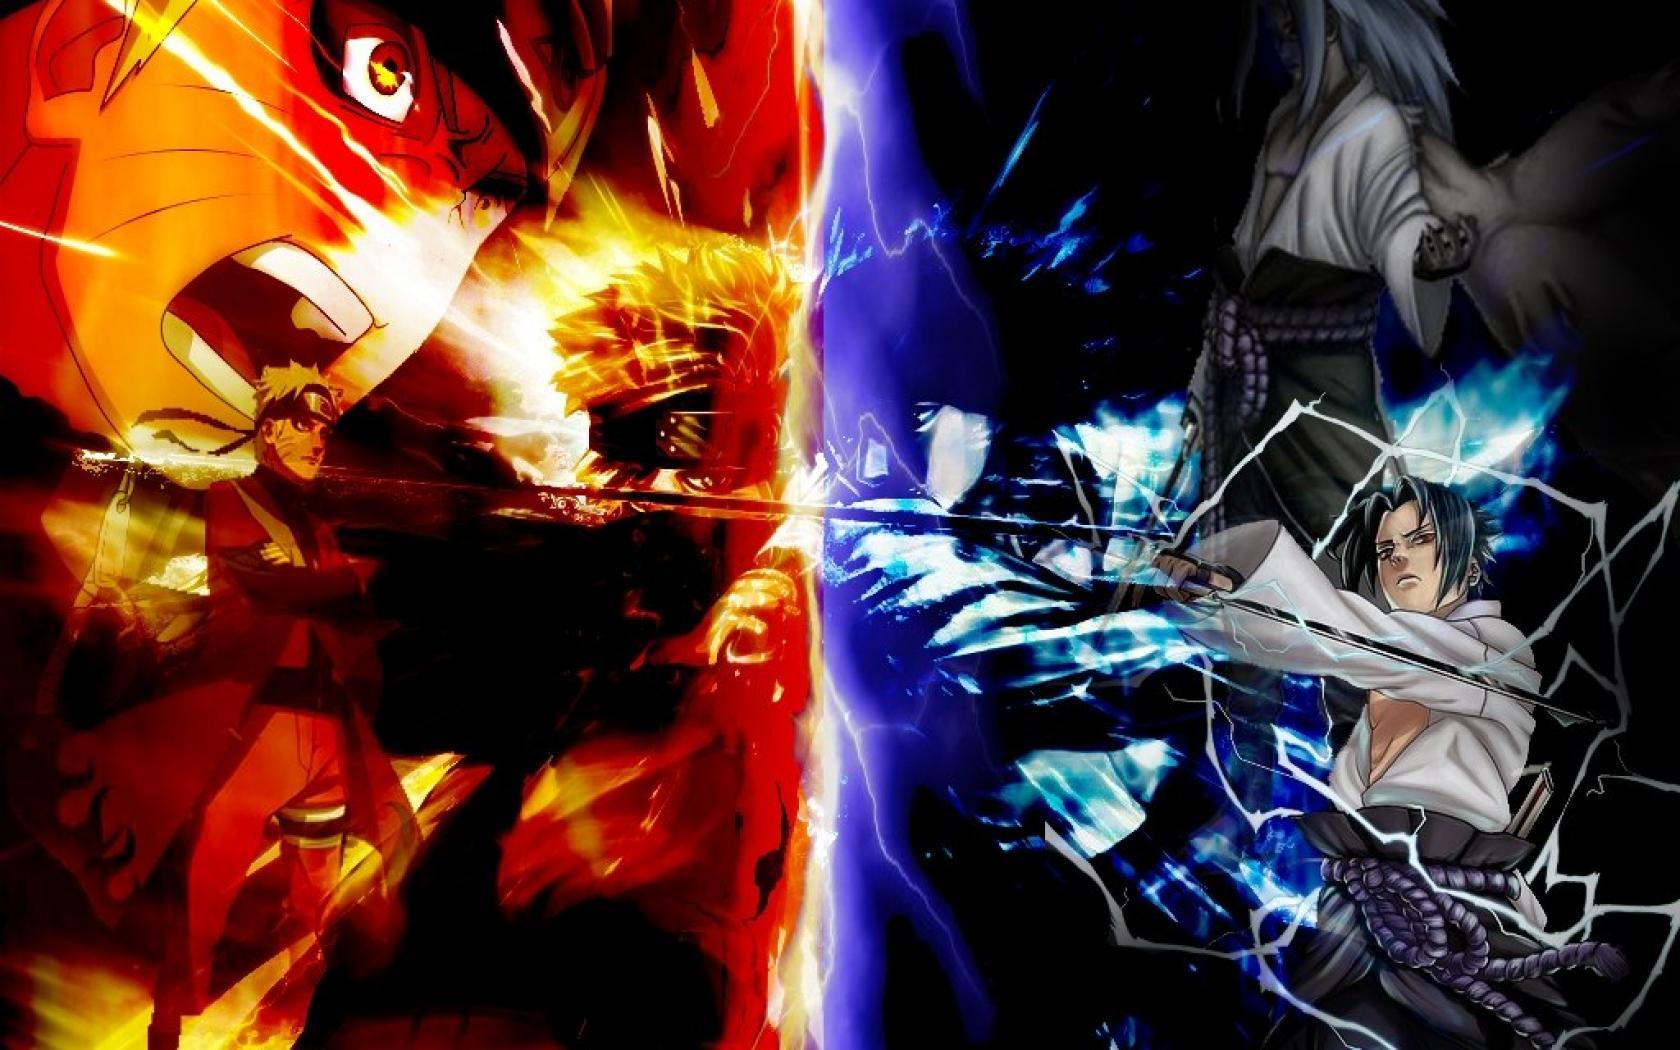 Naruto Shippuden Wallpapers Sasuke 85